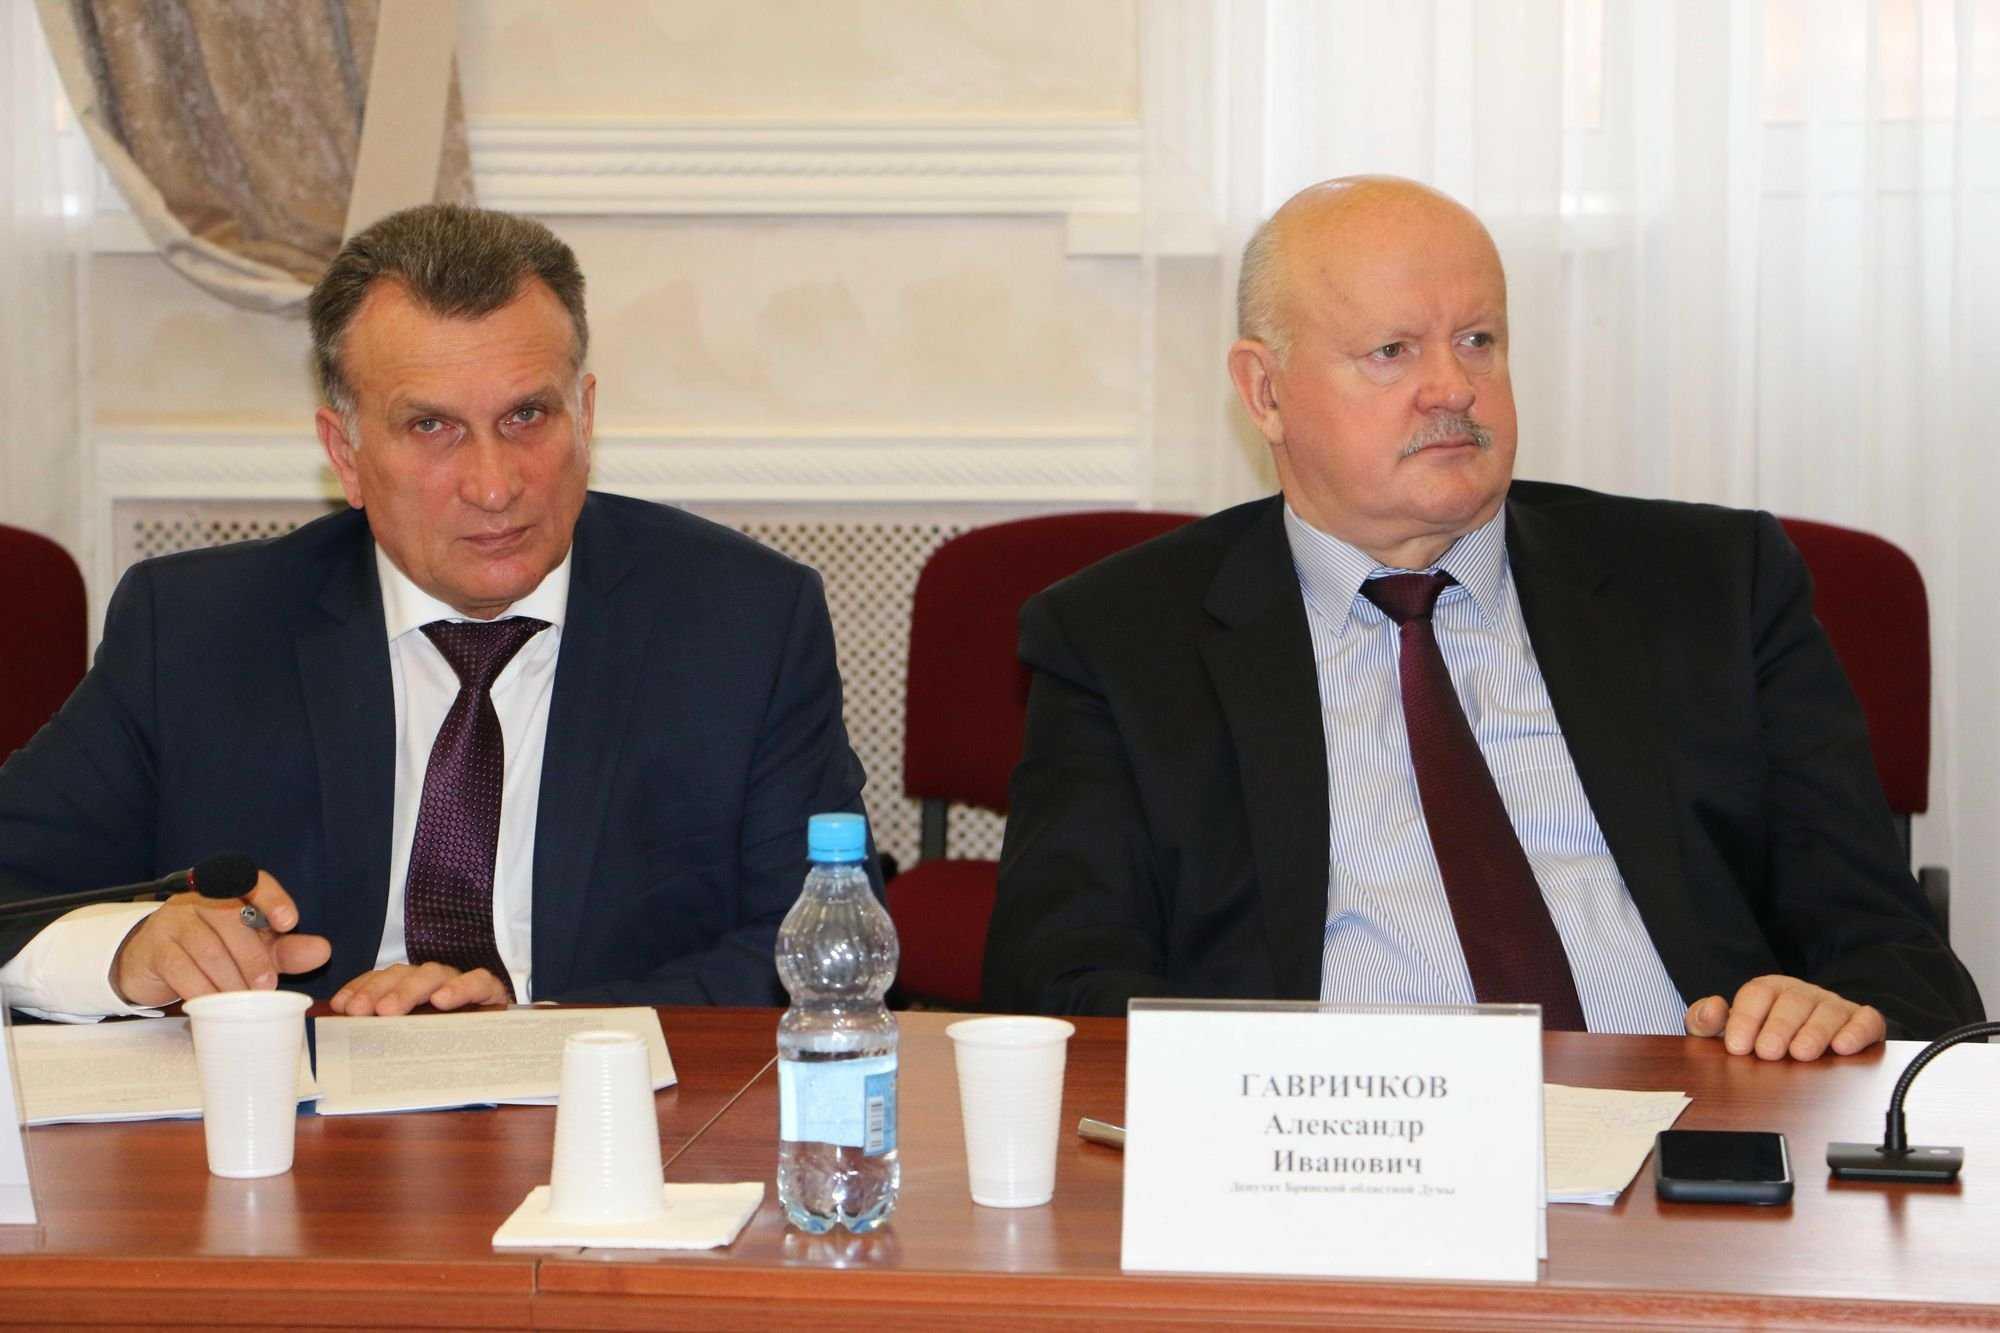 Брянские власти подарили предприятиям льгот на 1,88 миллиарда рублей